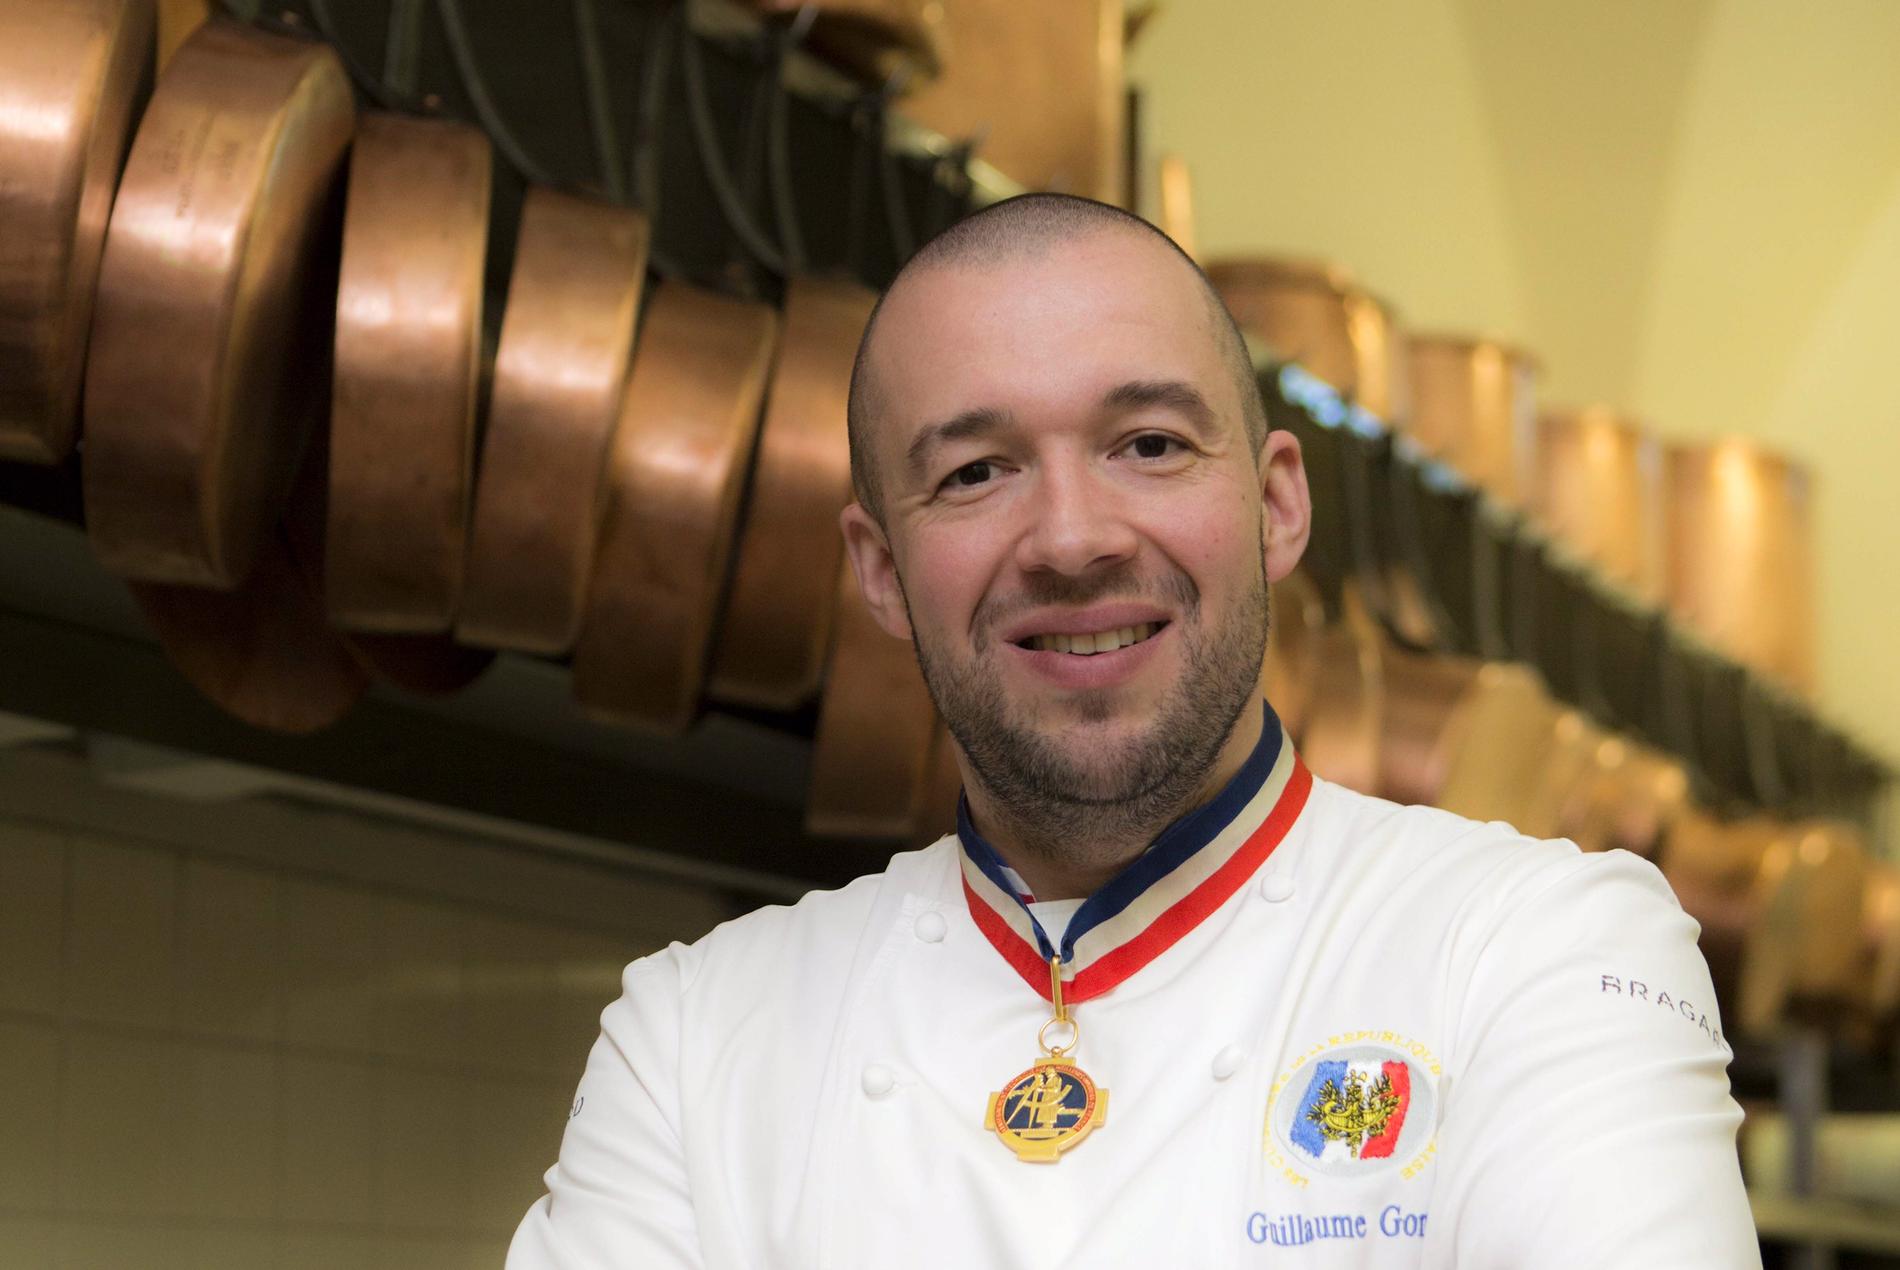 Guillaume gomez un chef normal aux commandes des cuisines - What does a chef de cuisine do ...